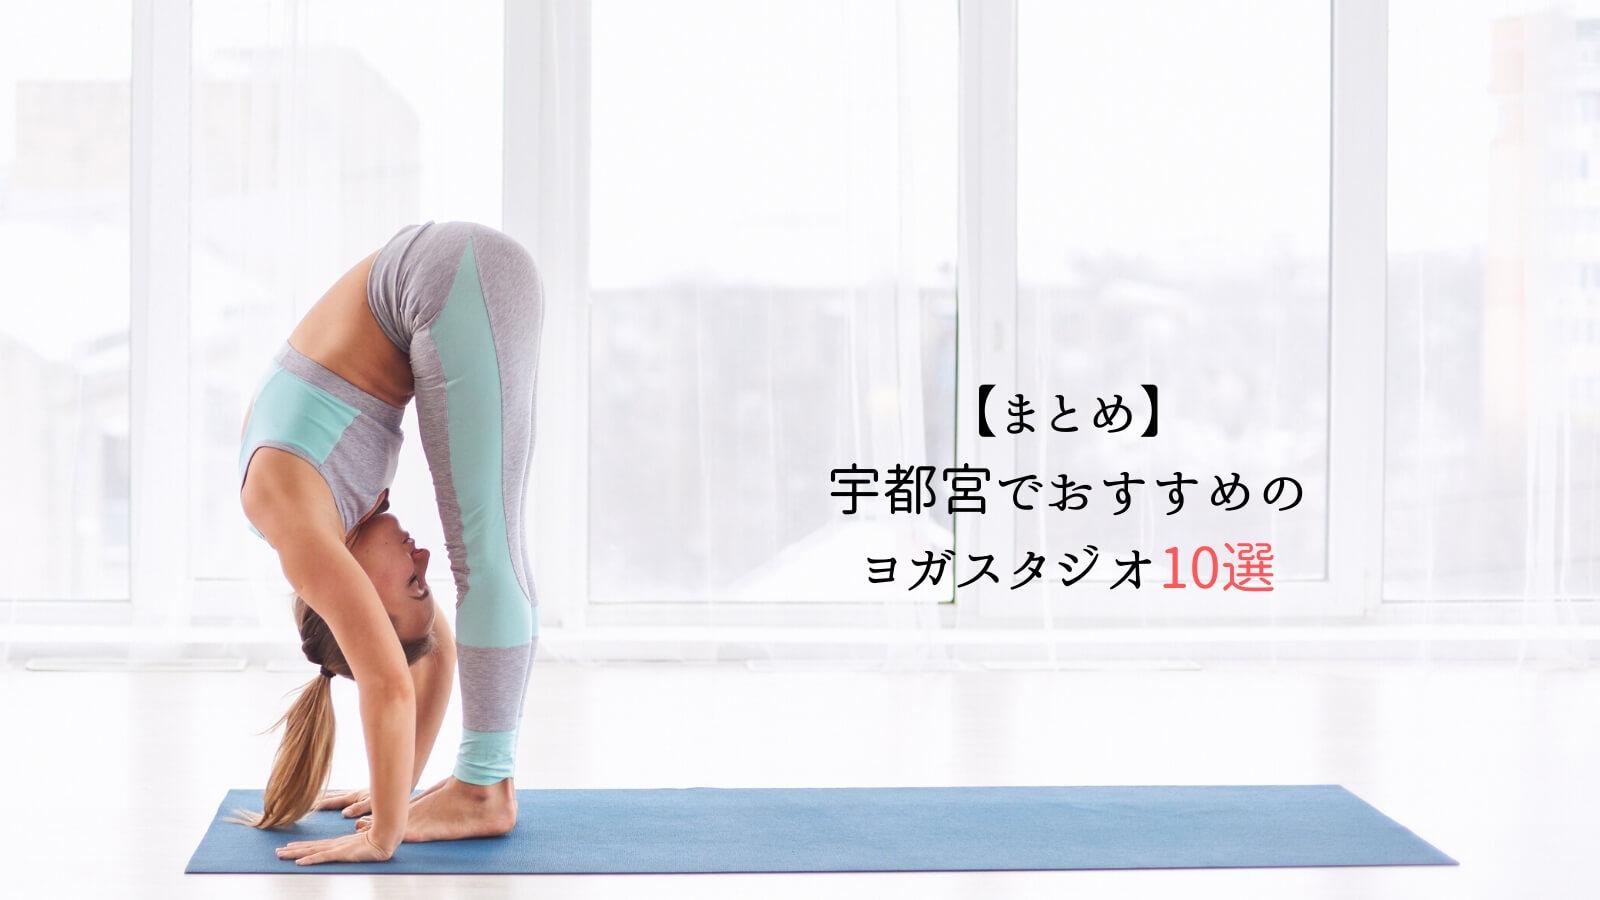 【まとめ】宇都宮でおすすめのヨガ・ピラティススタジオ10選